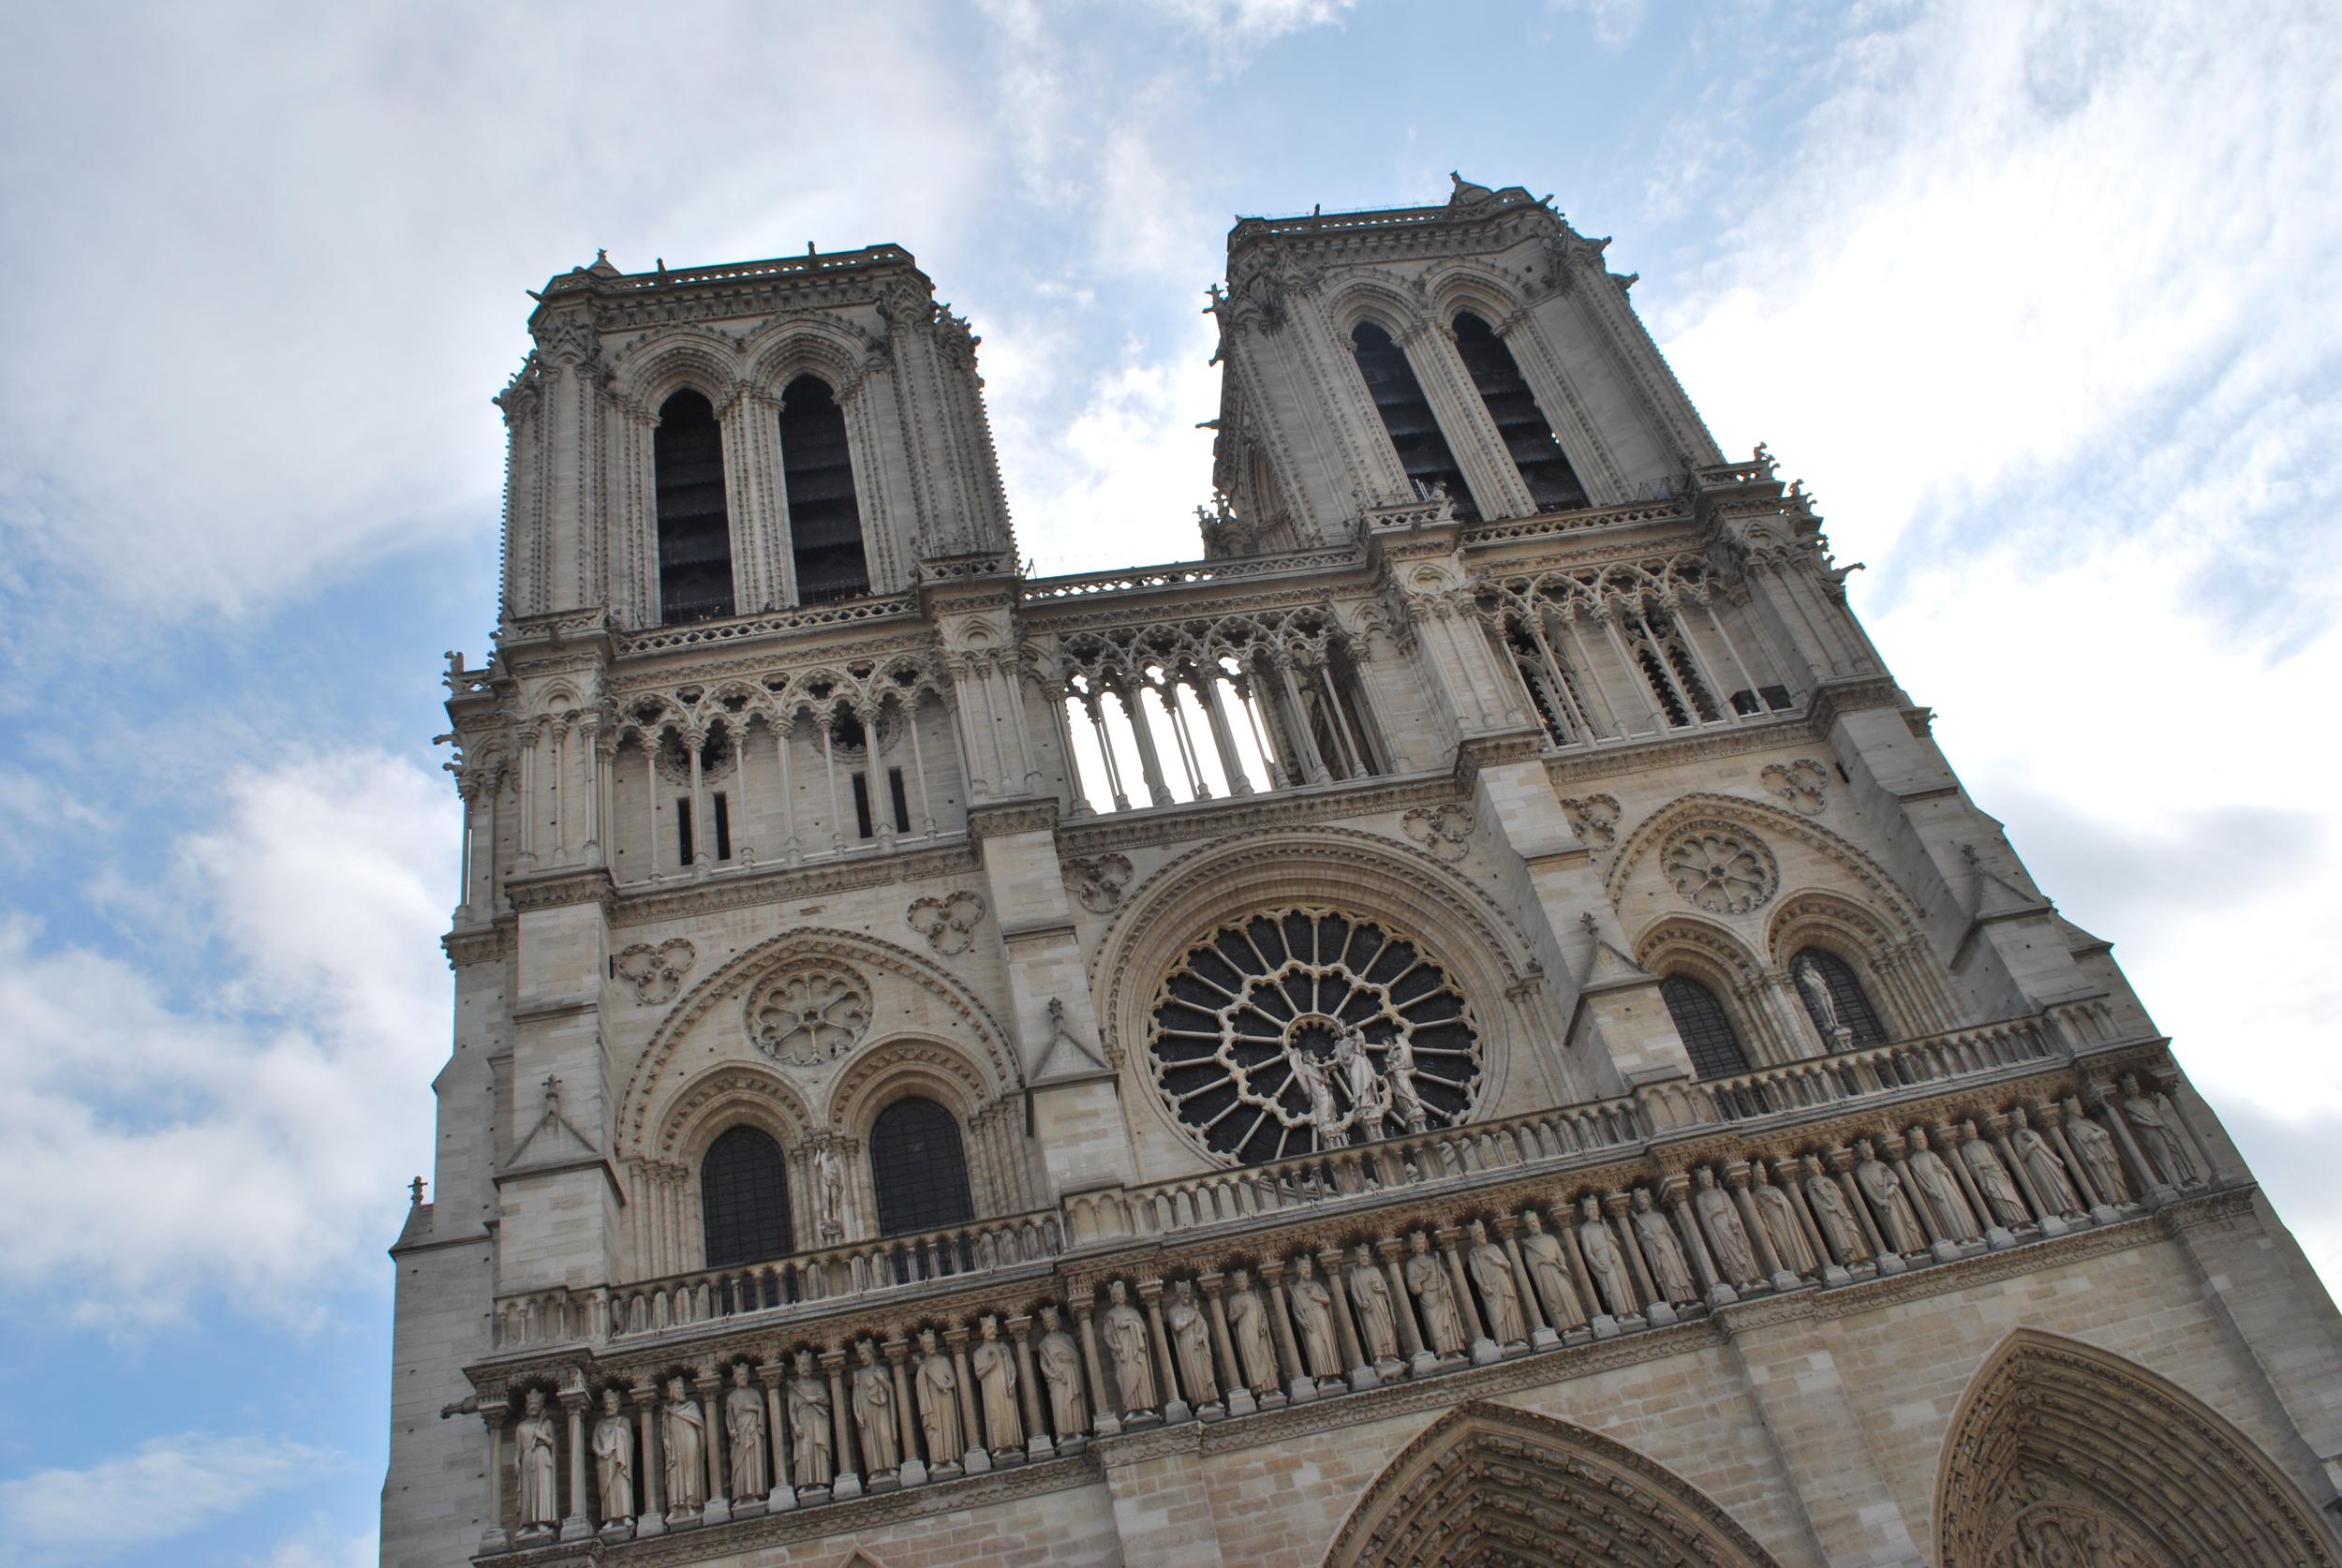 6/Hang out with gargoyles at Cathédral Notre Dame de Paris